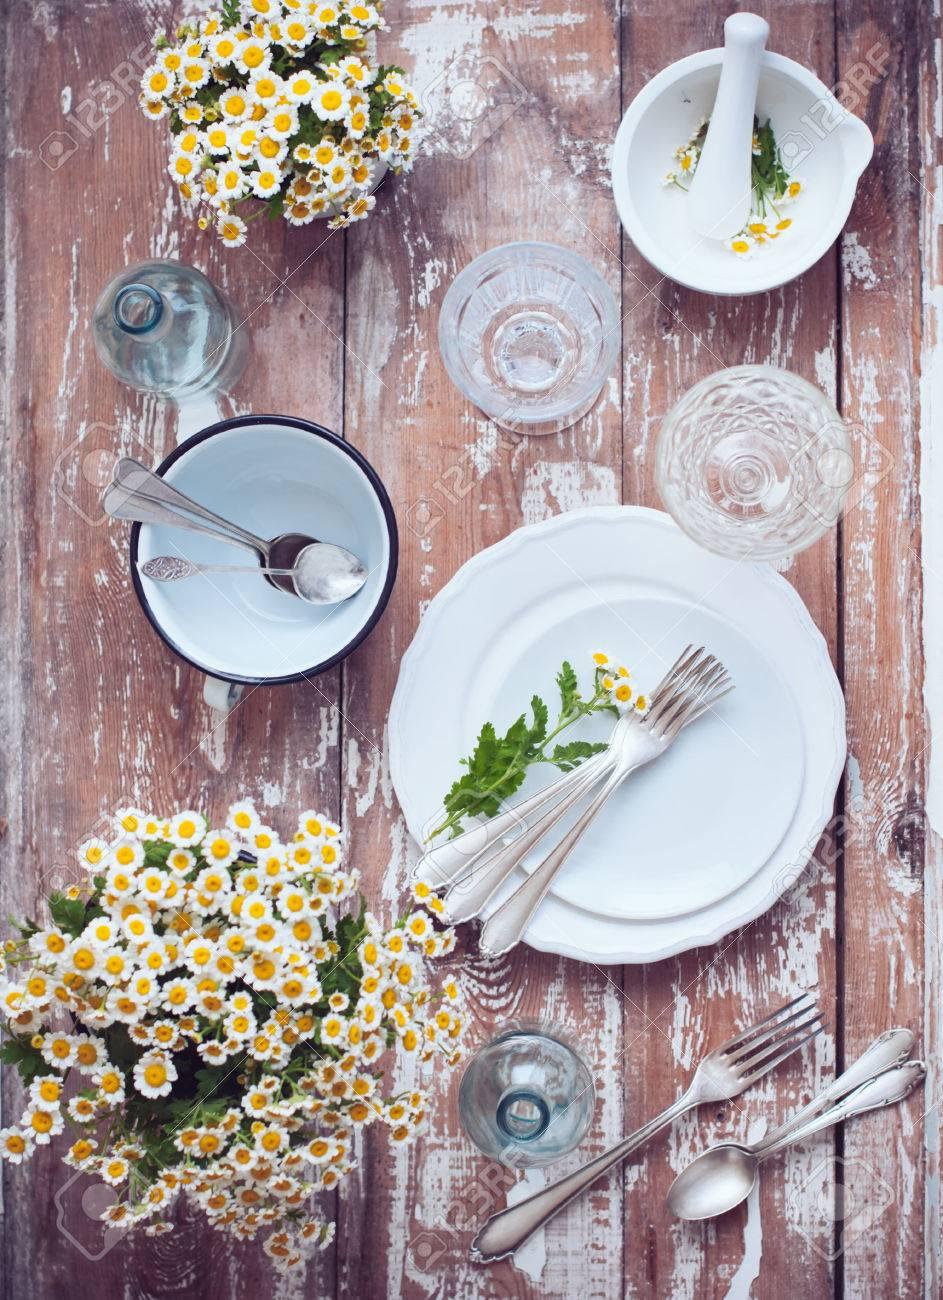 fleurs de camomille laqué blanc ustensiles de cuisine bouteilles en verre couverts de cru sur un fond